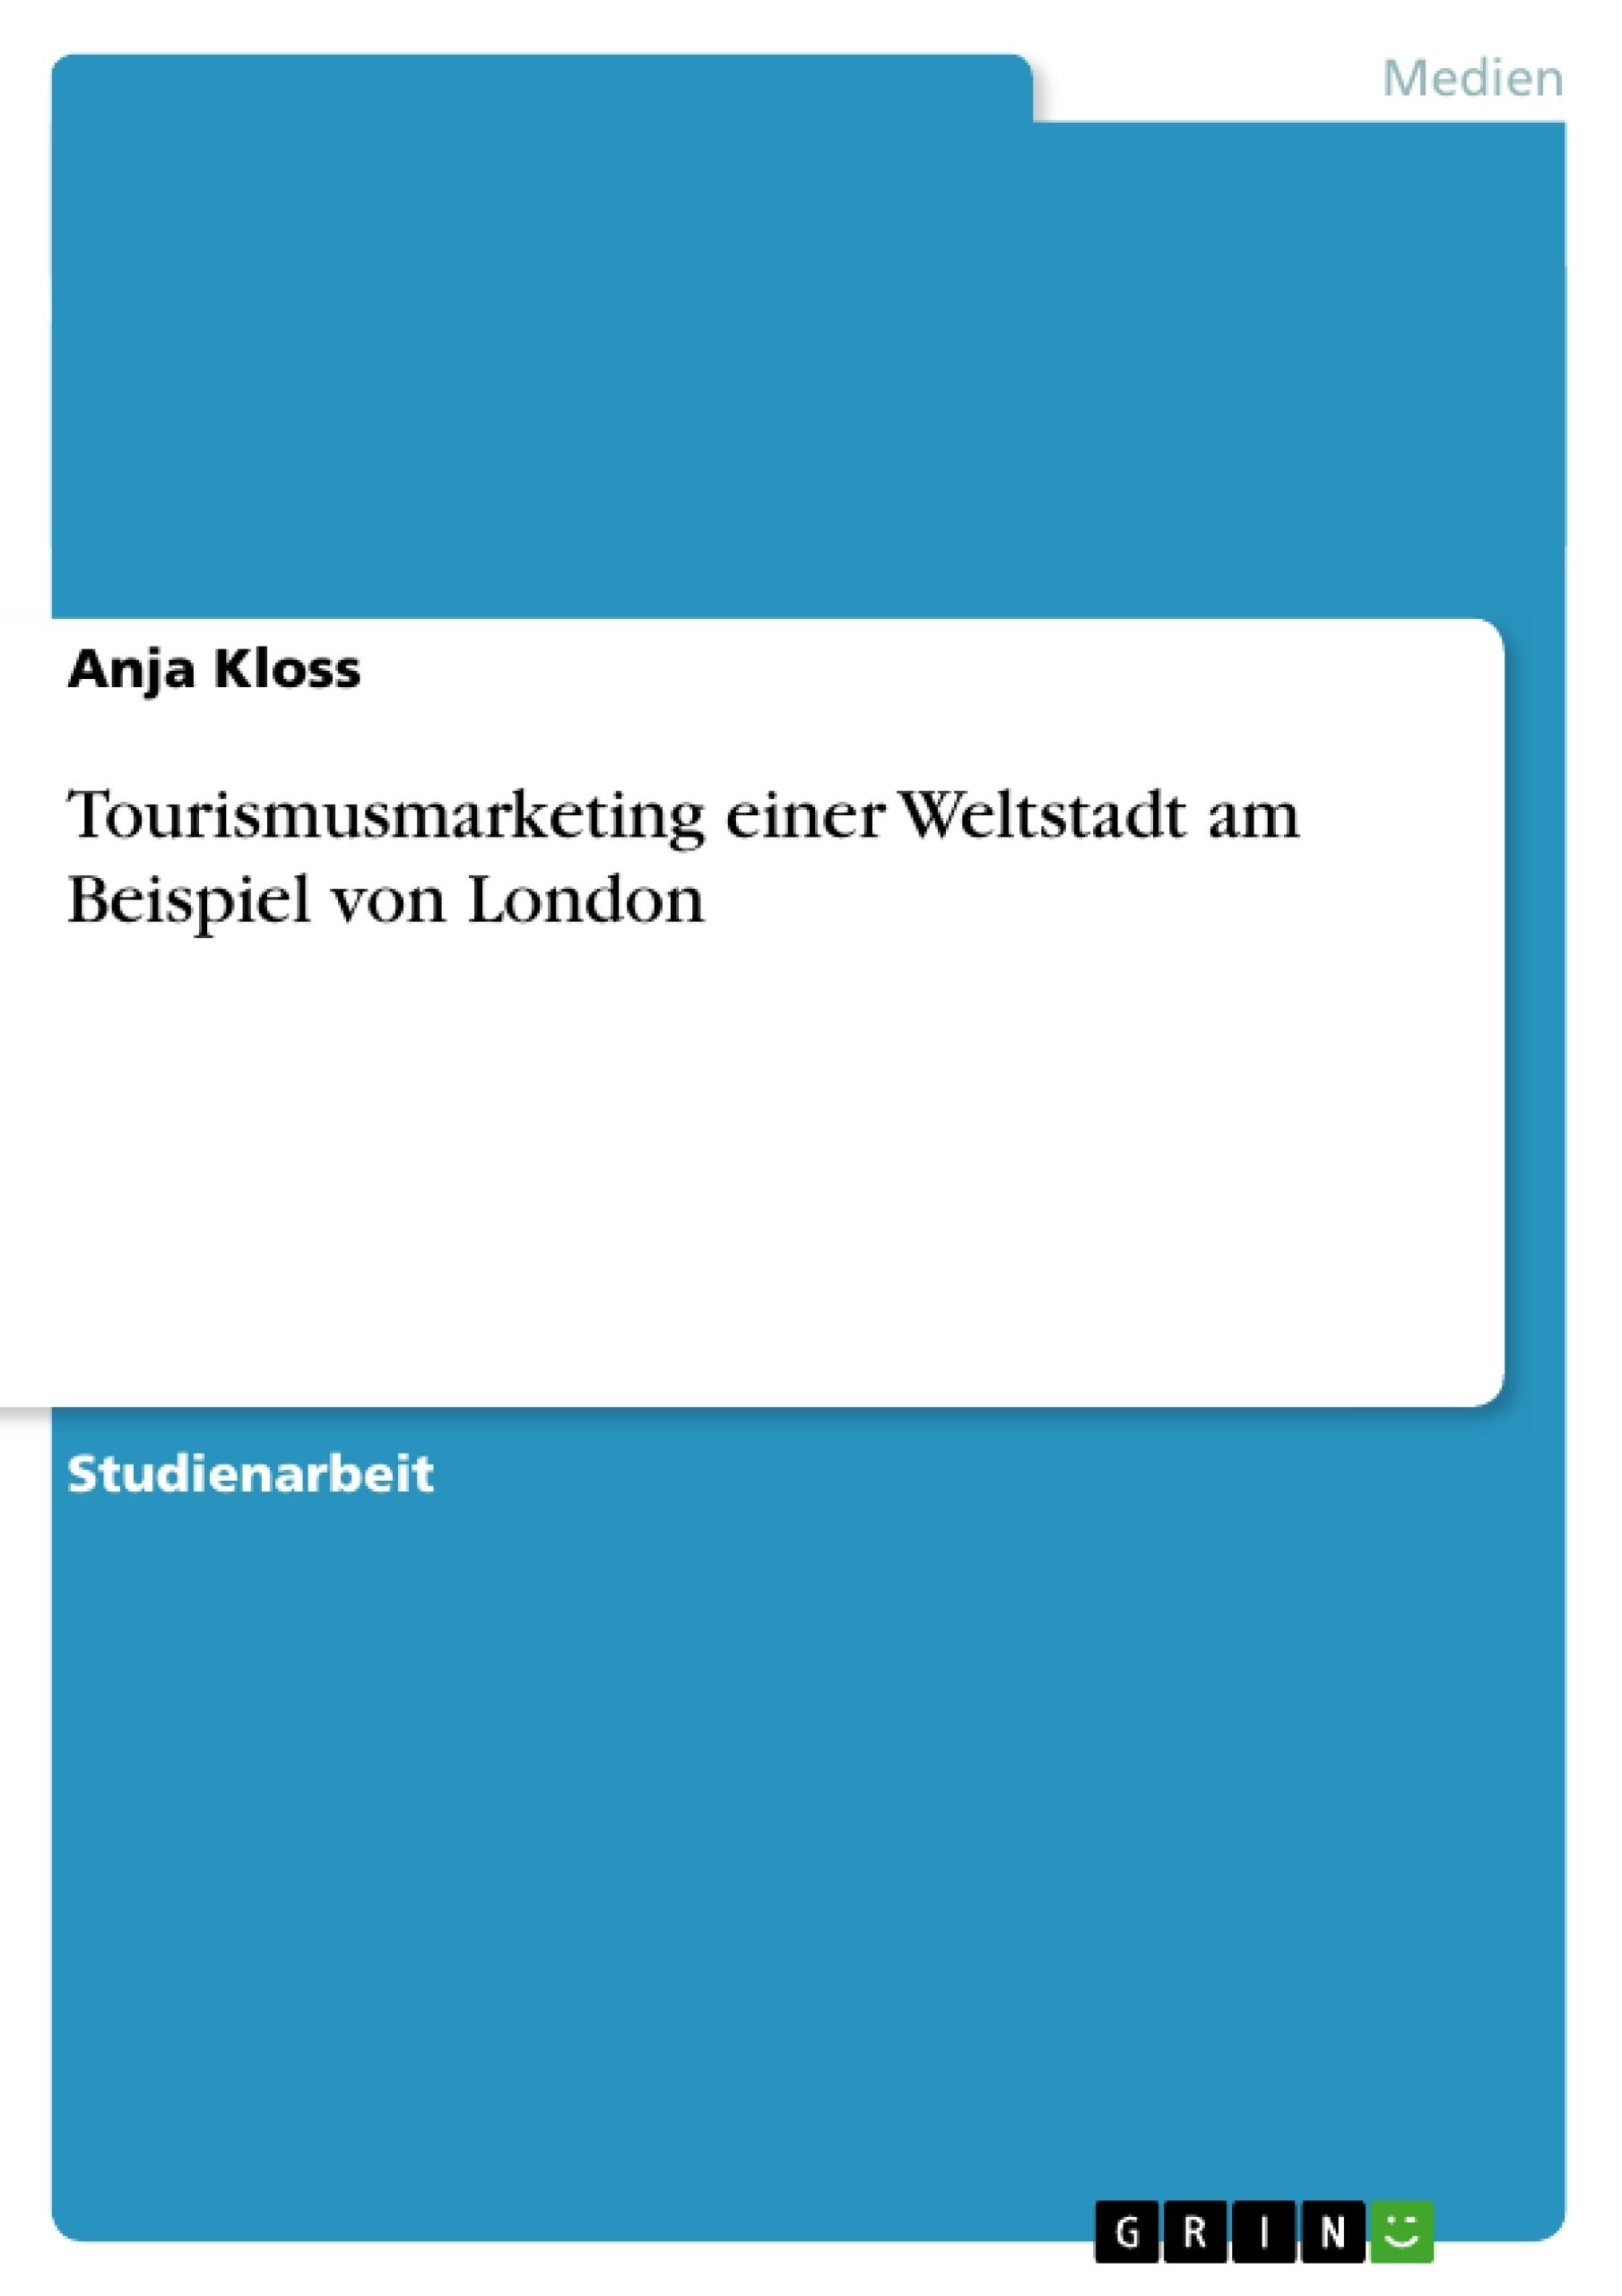 Titel: Tourismusmarketing einer Weltstadt am Beispiel von London